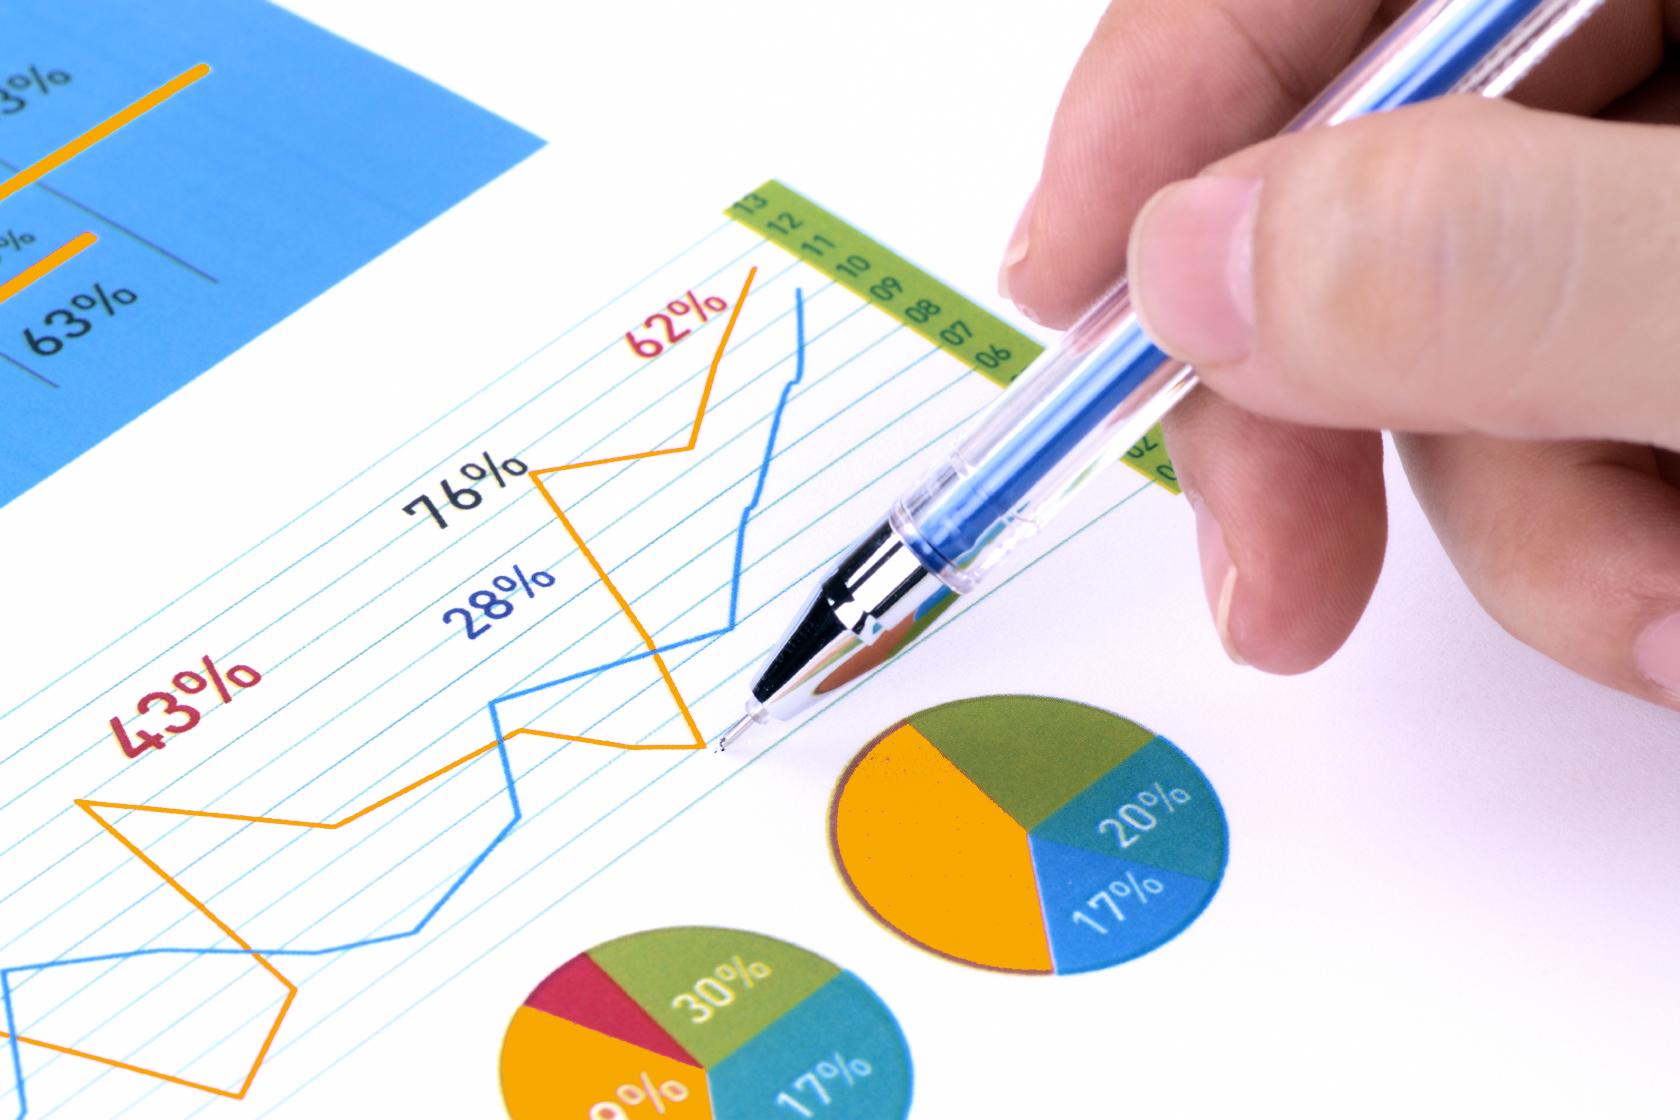 ПАО «ВымпелКом» объявляет финансовые результаты за 3 квартал 2016 года